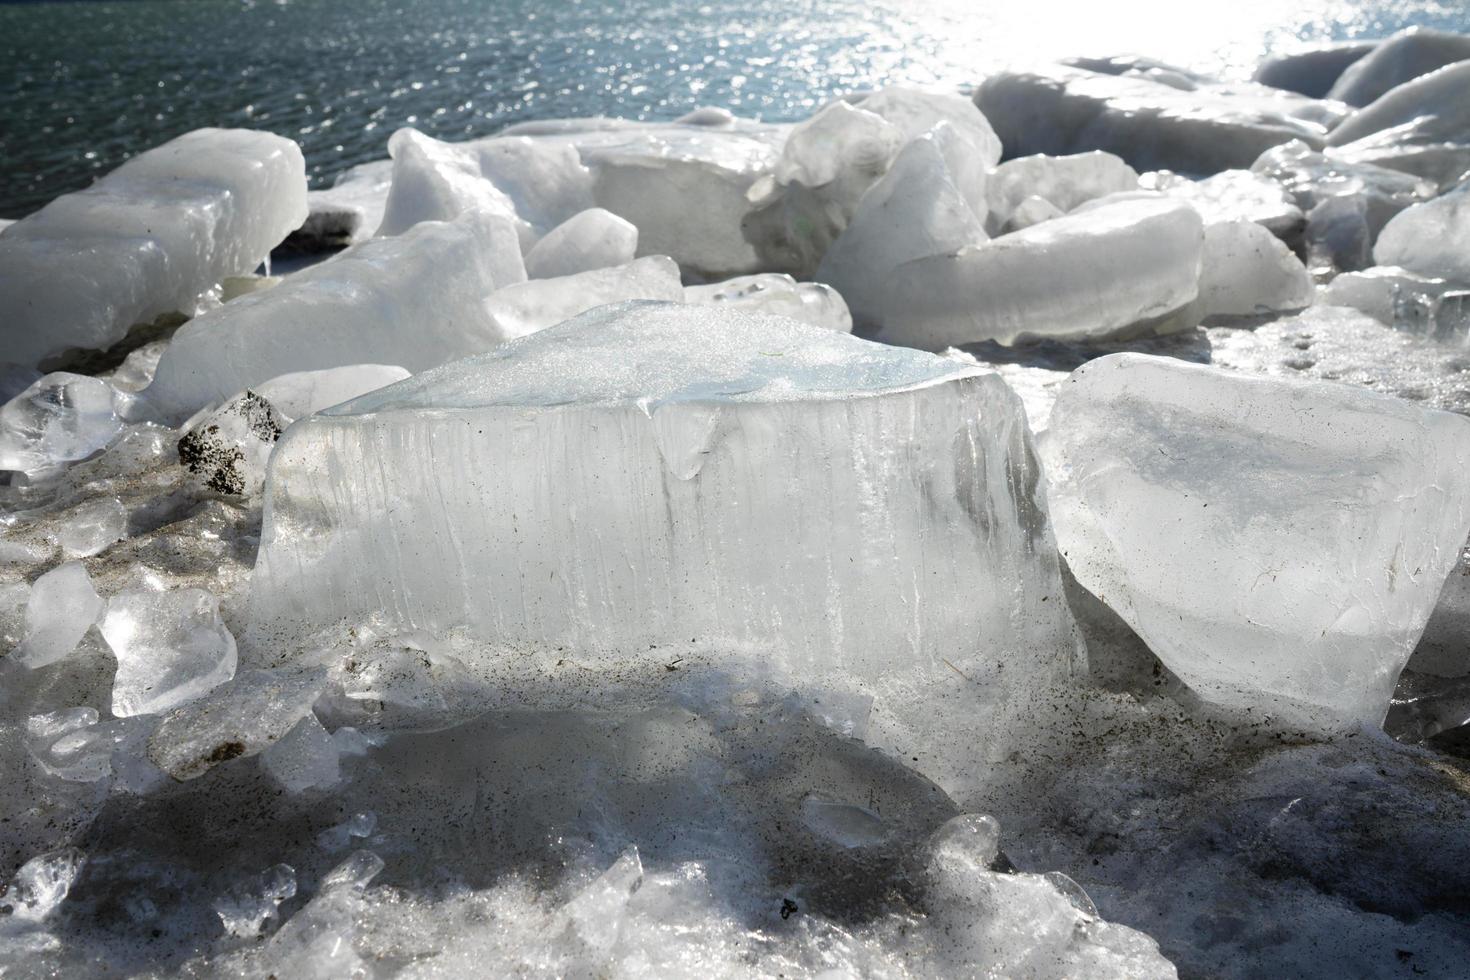 blocchi di ghiaccio su una spiaggia vicino a uno specchio d'acqua foto